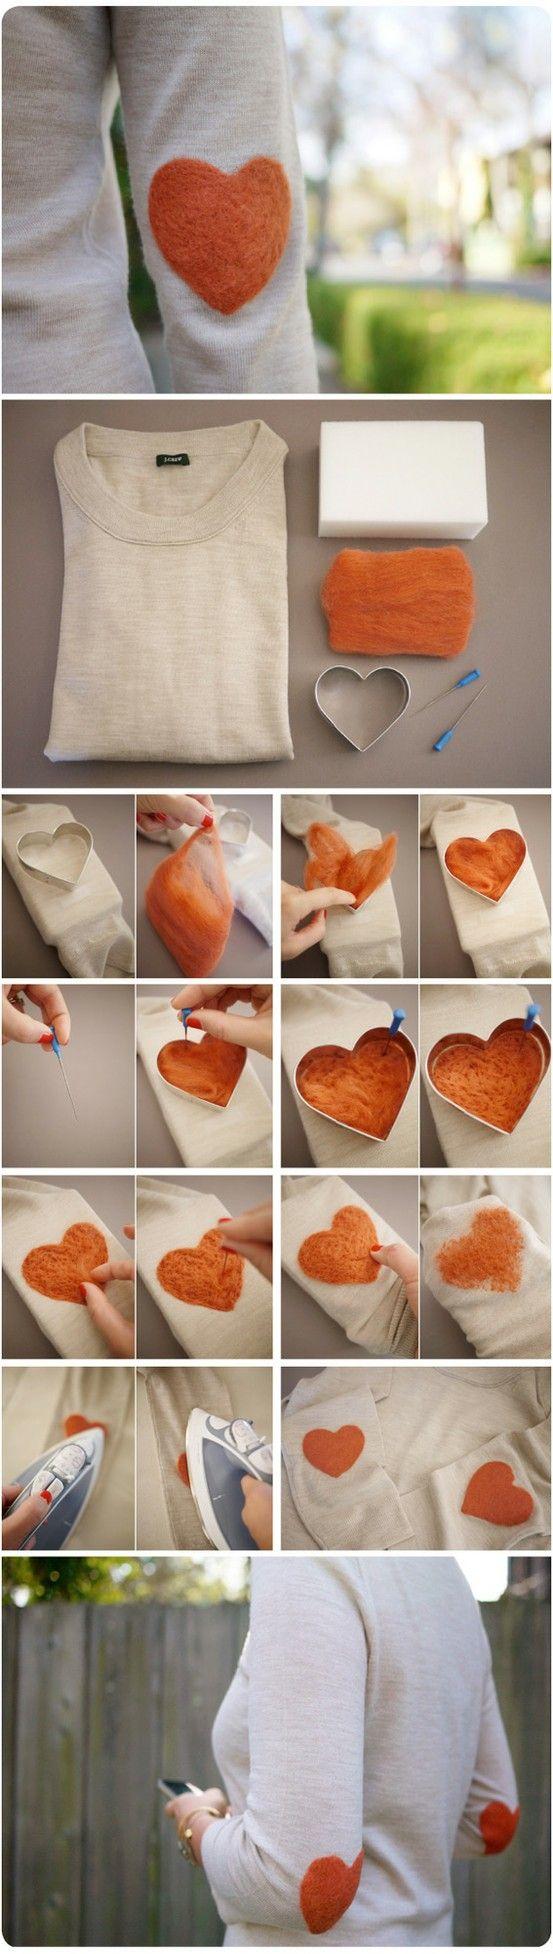 Heart elbow - me da flojera hacerlo Pero quiero uno así!!!